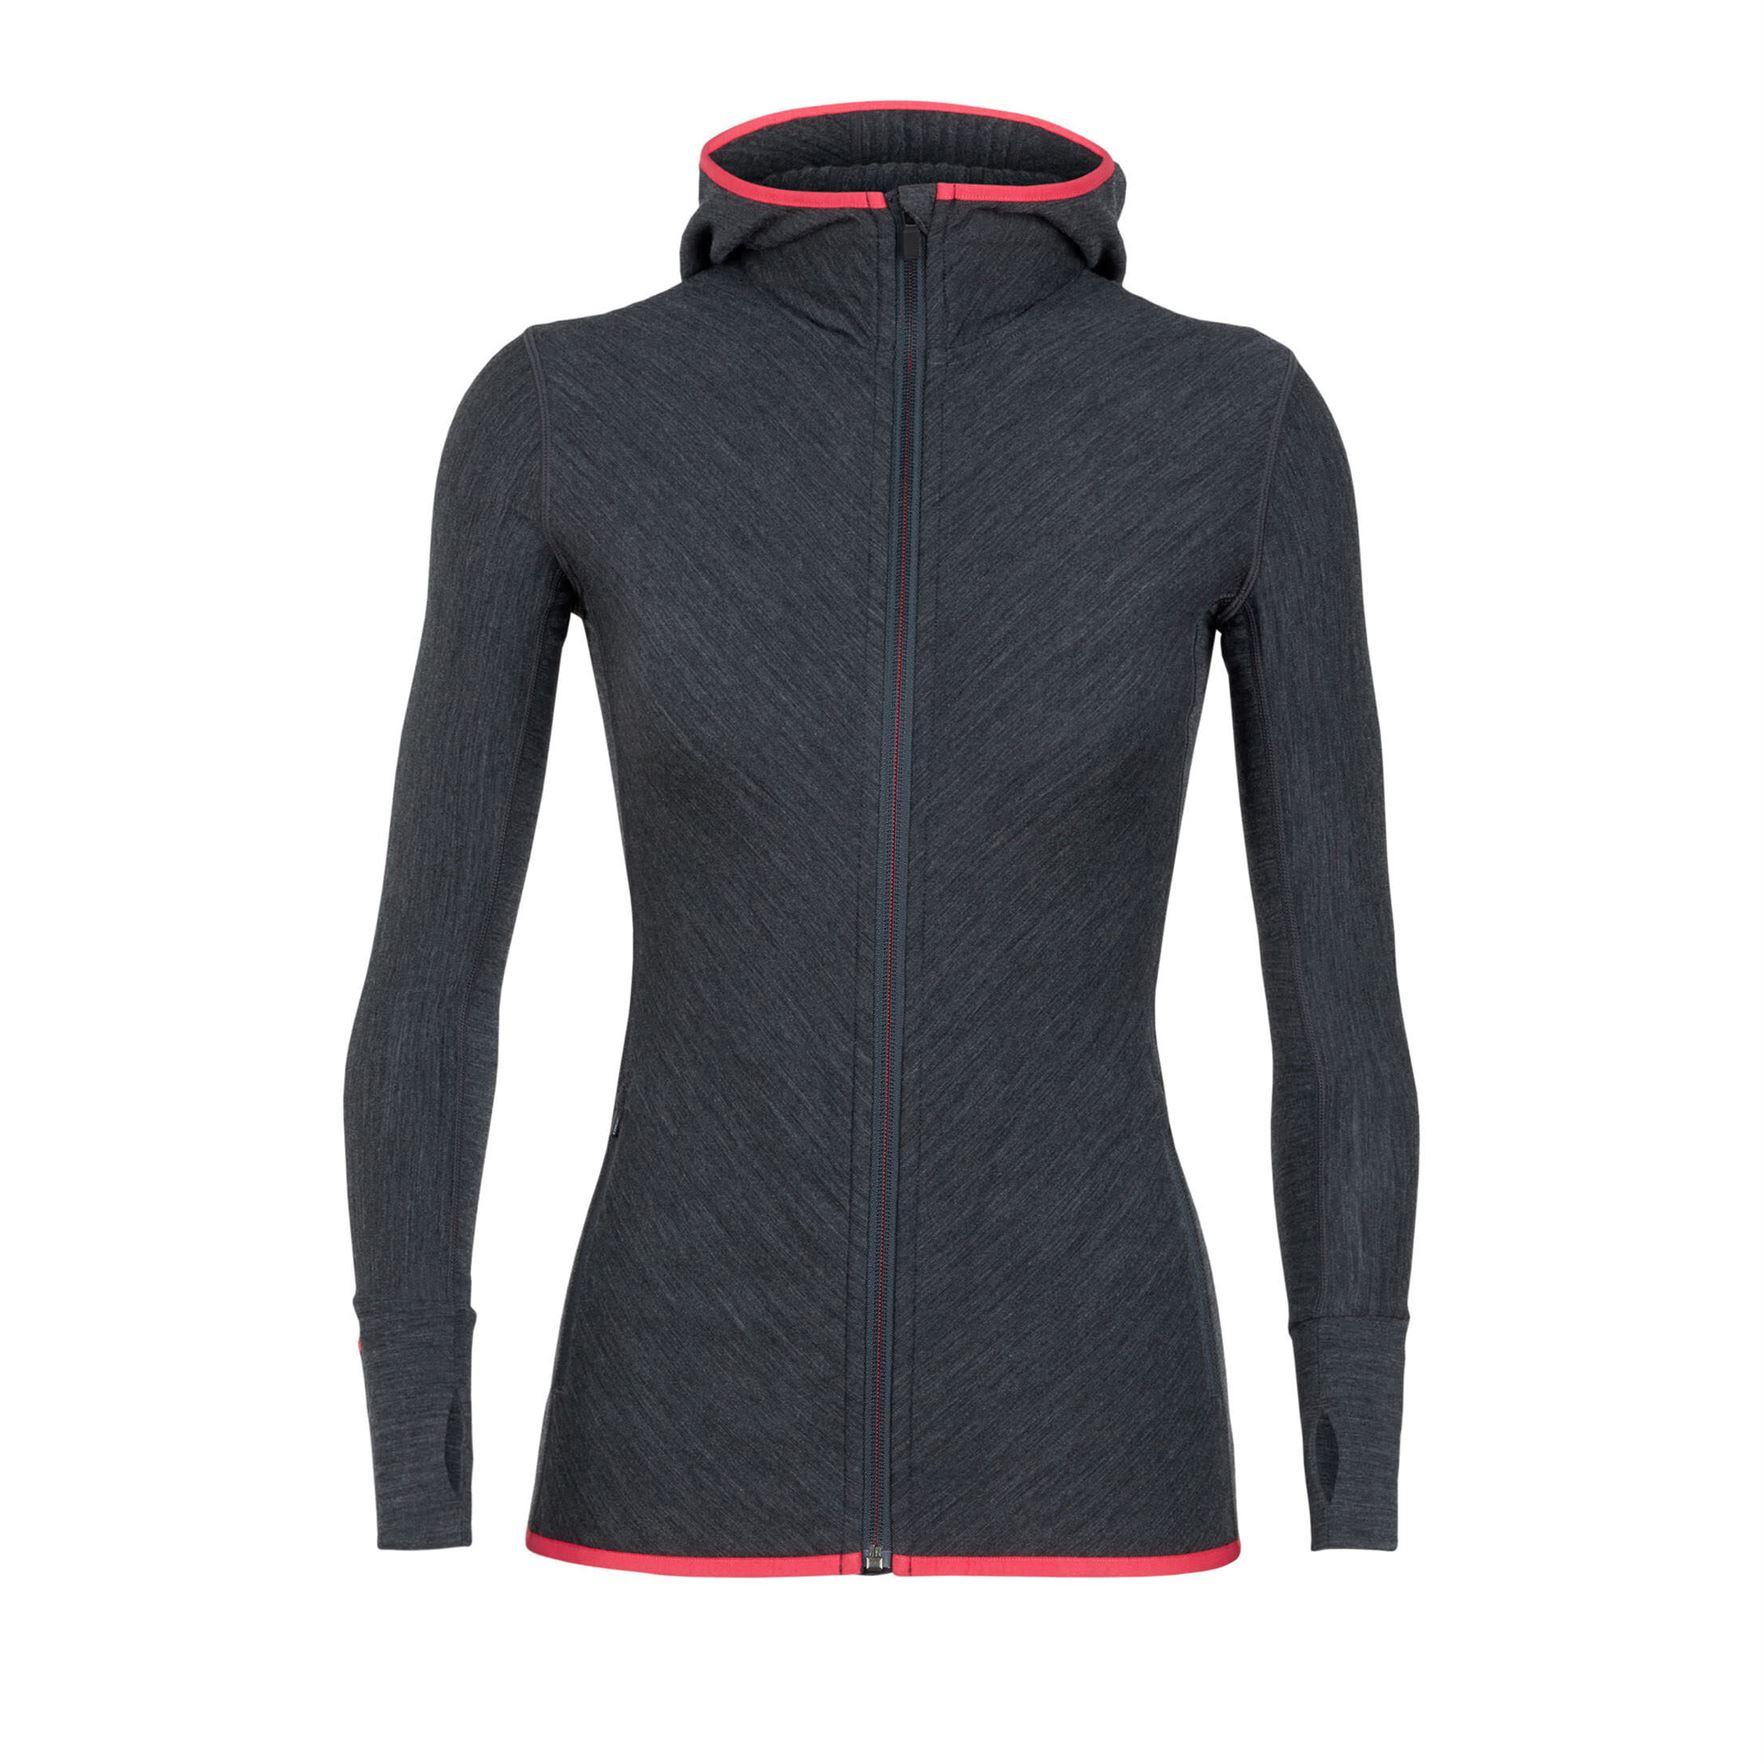 Descender Zip Hood Long Sleeve - Women's